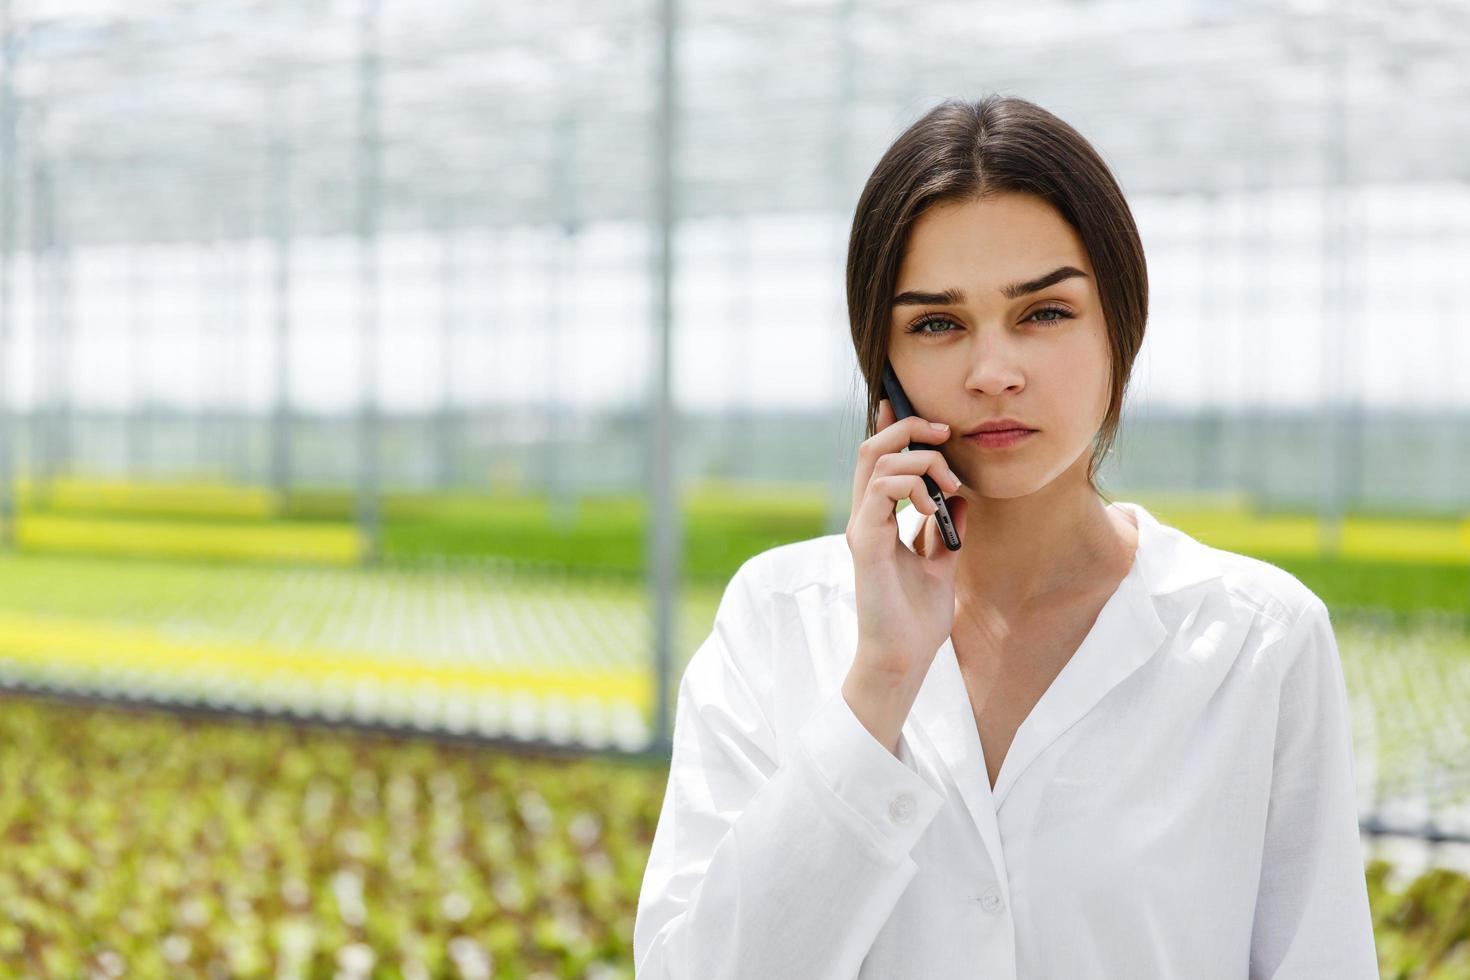 un chercheur parle au téléphone en se promenant dans une serre photo